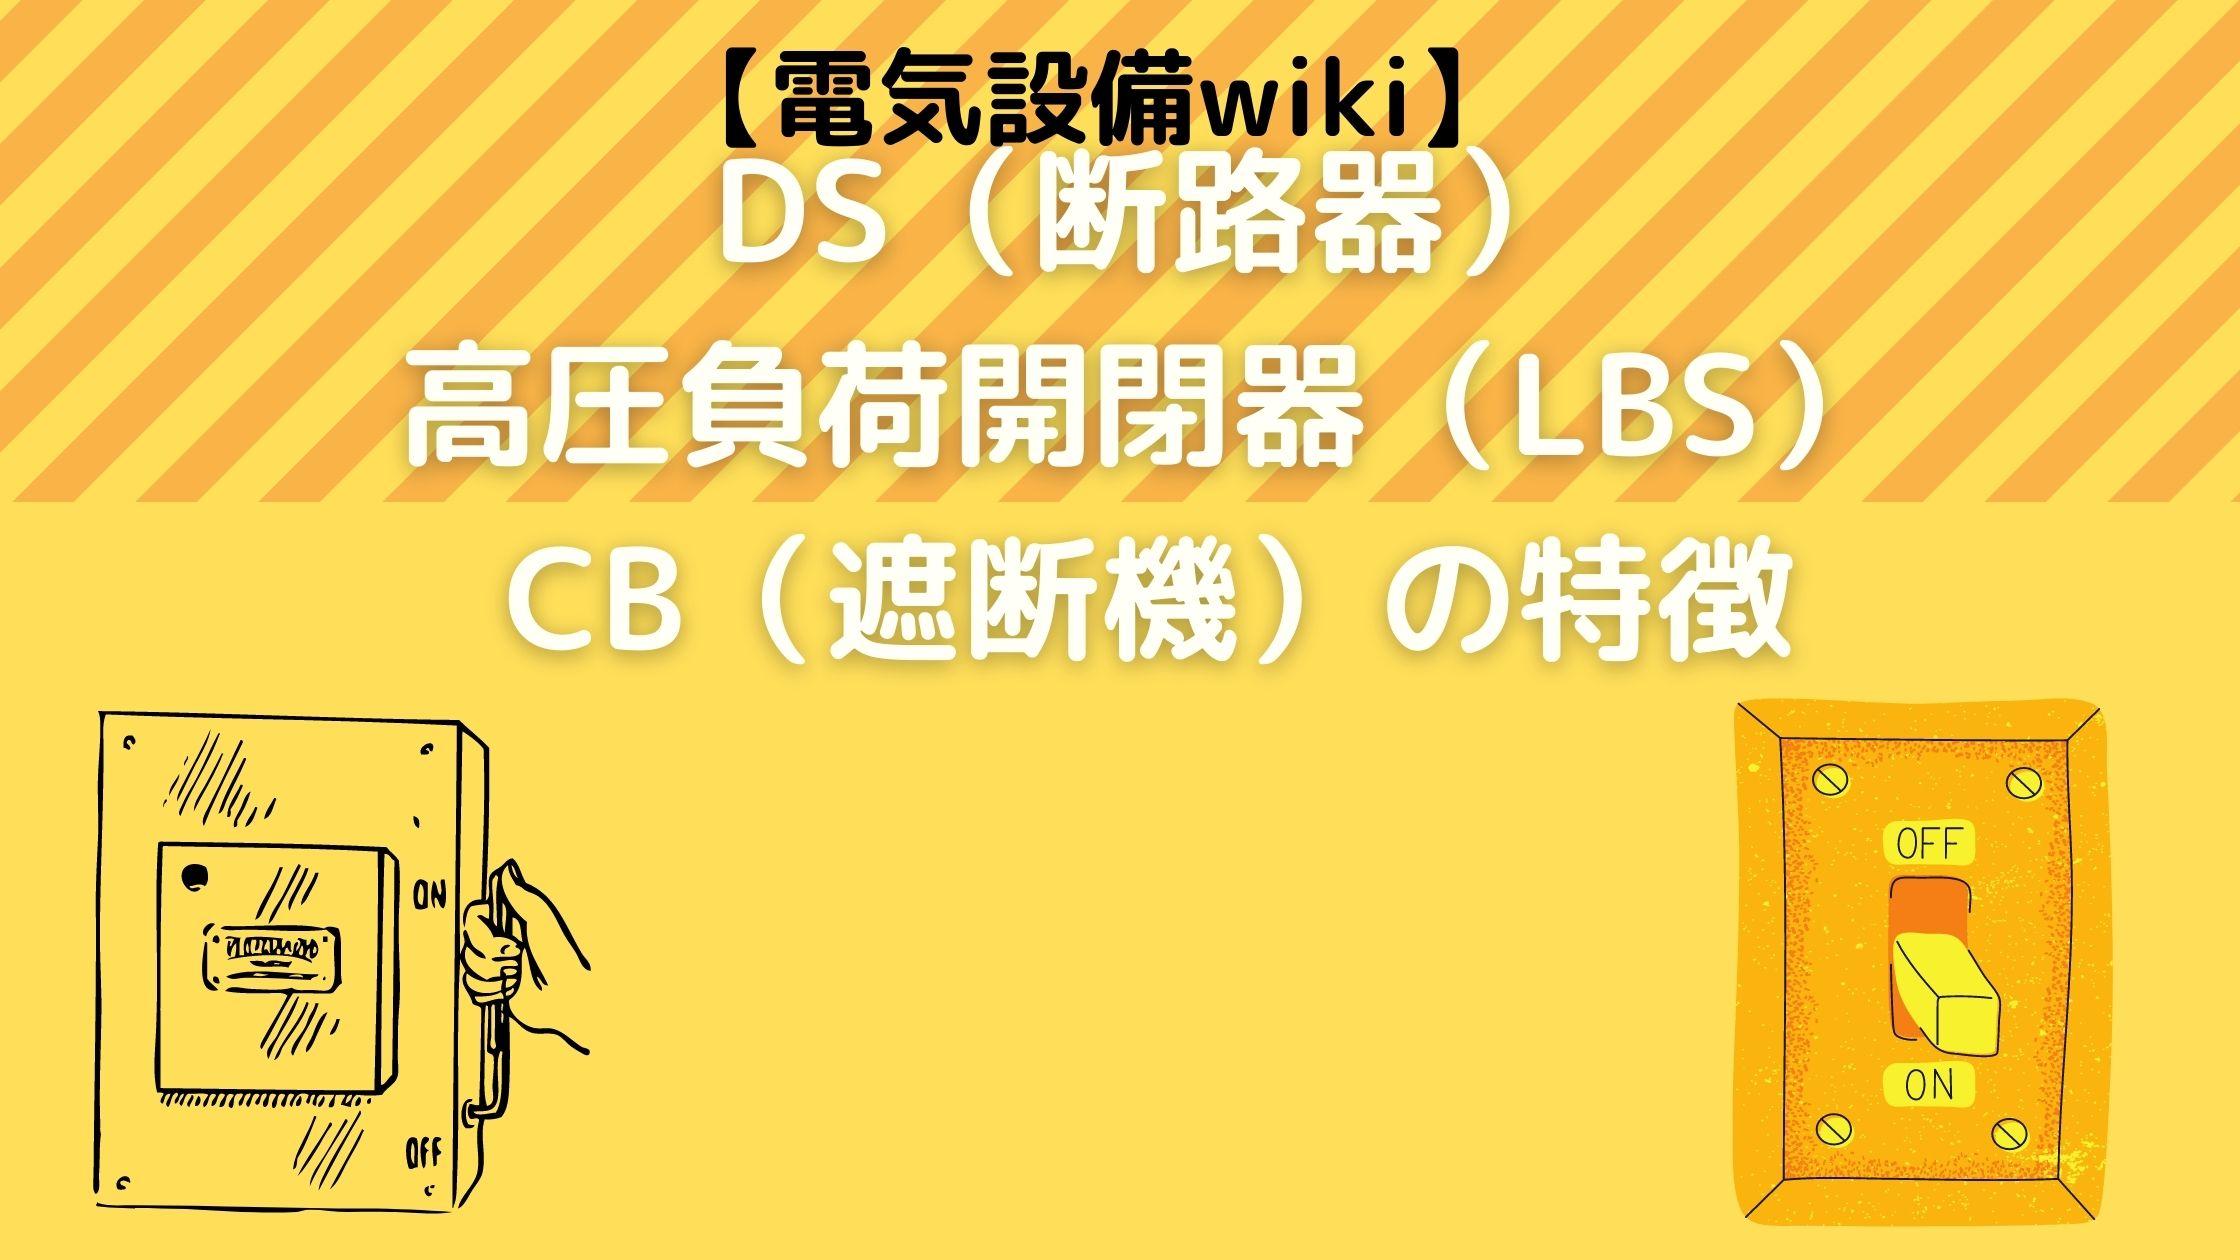 【電気設備wiki】DS(断路器)・高圧負荷開閉器(LBS)・CB(遮断機)の特徴